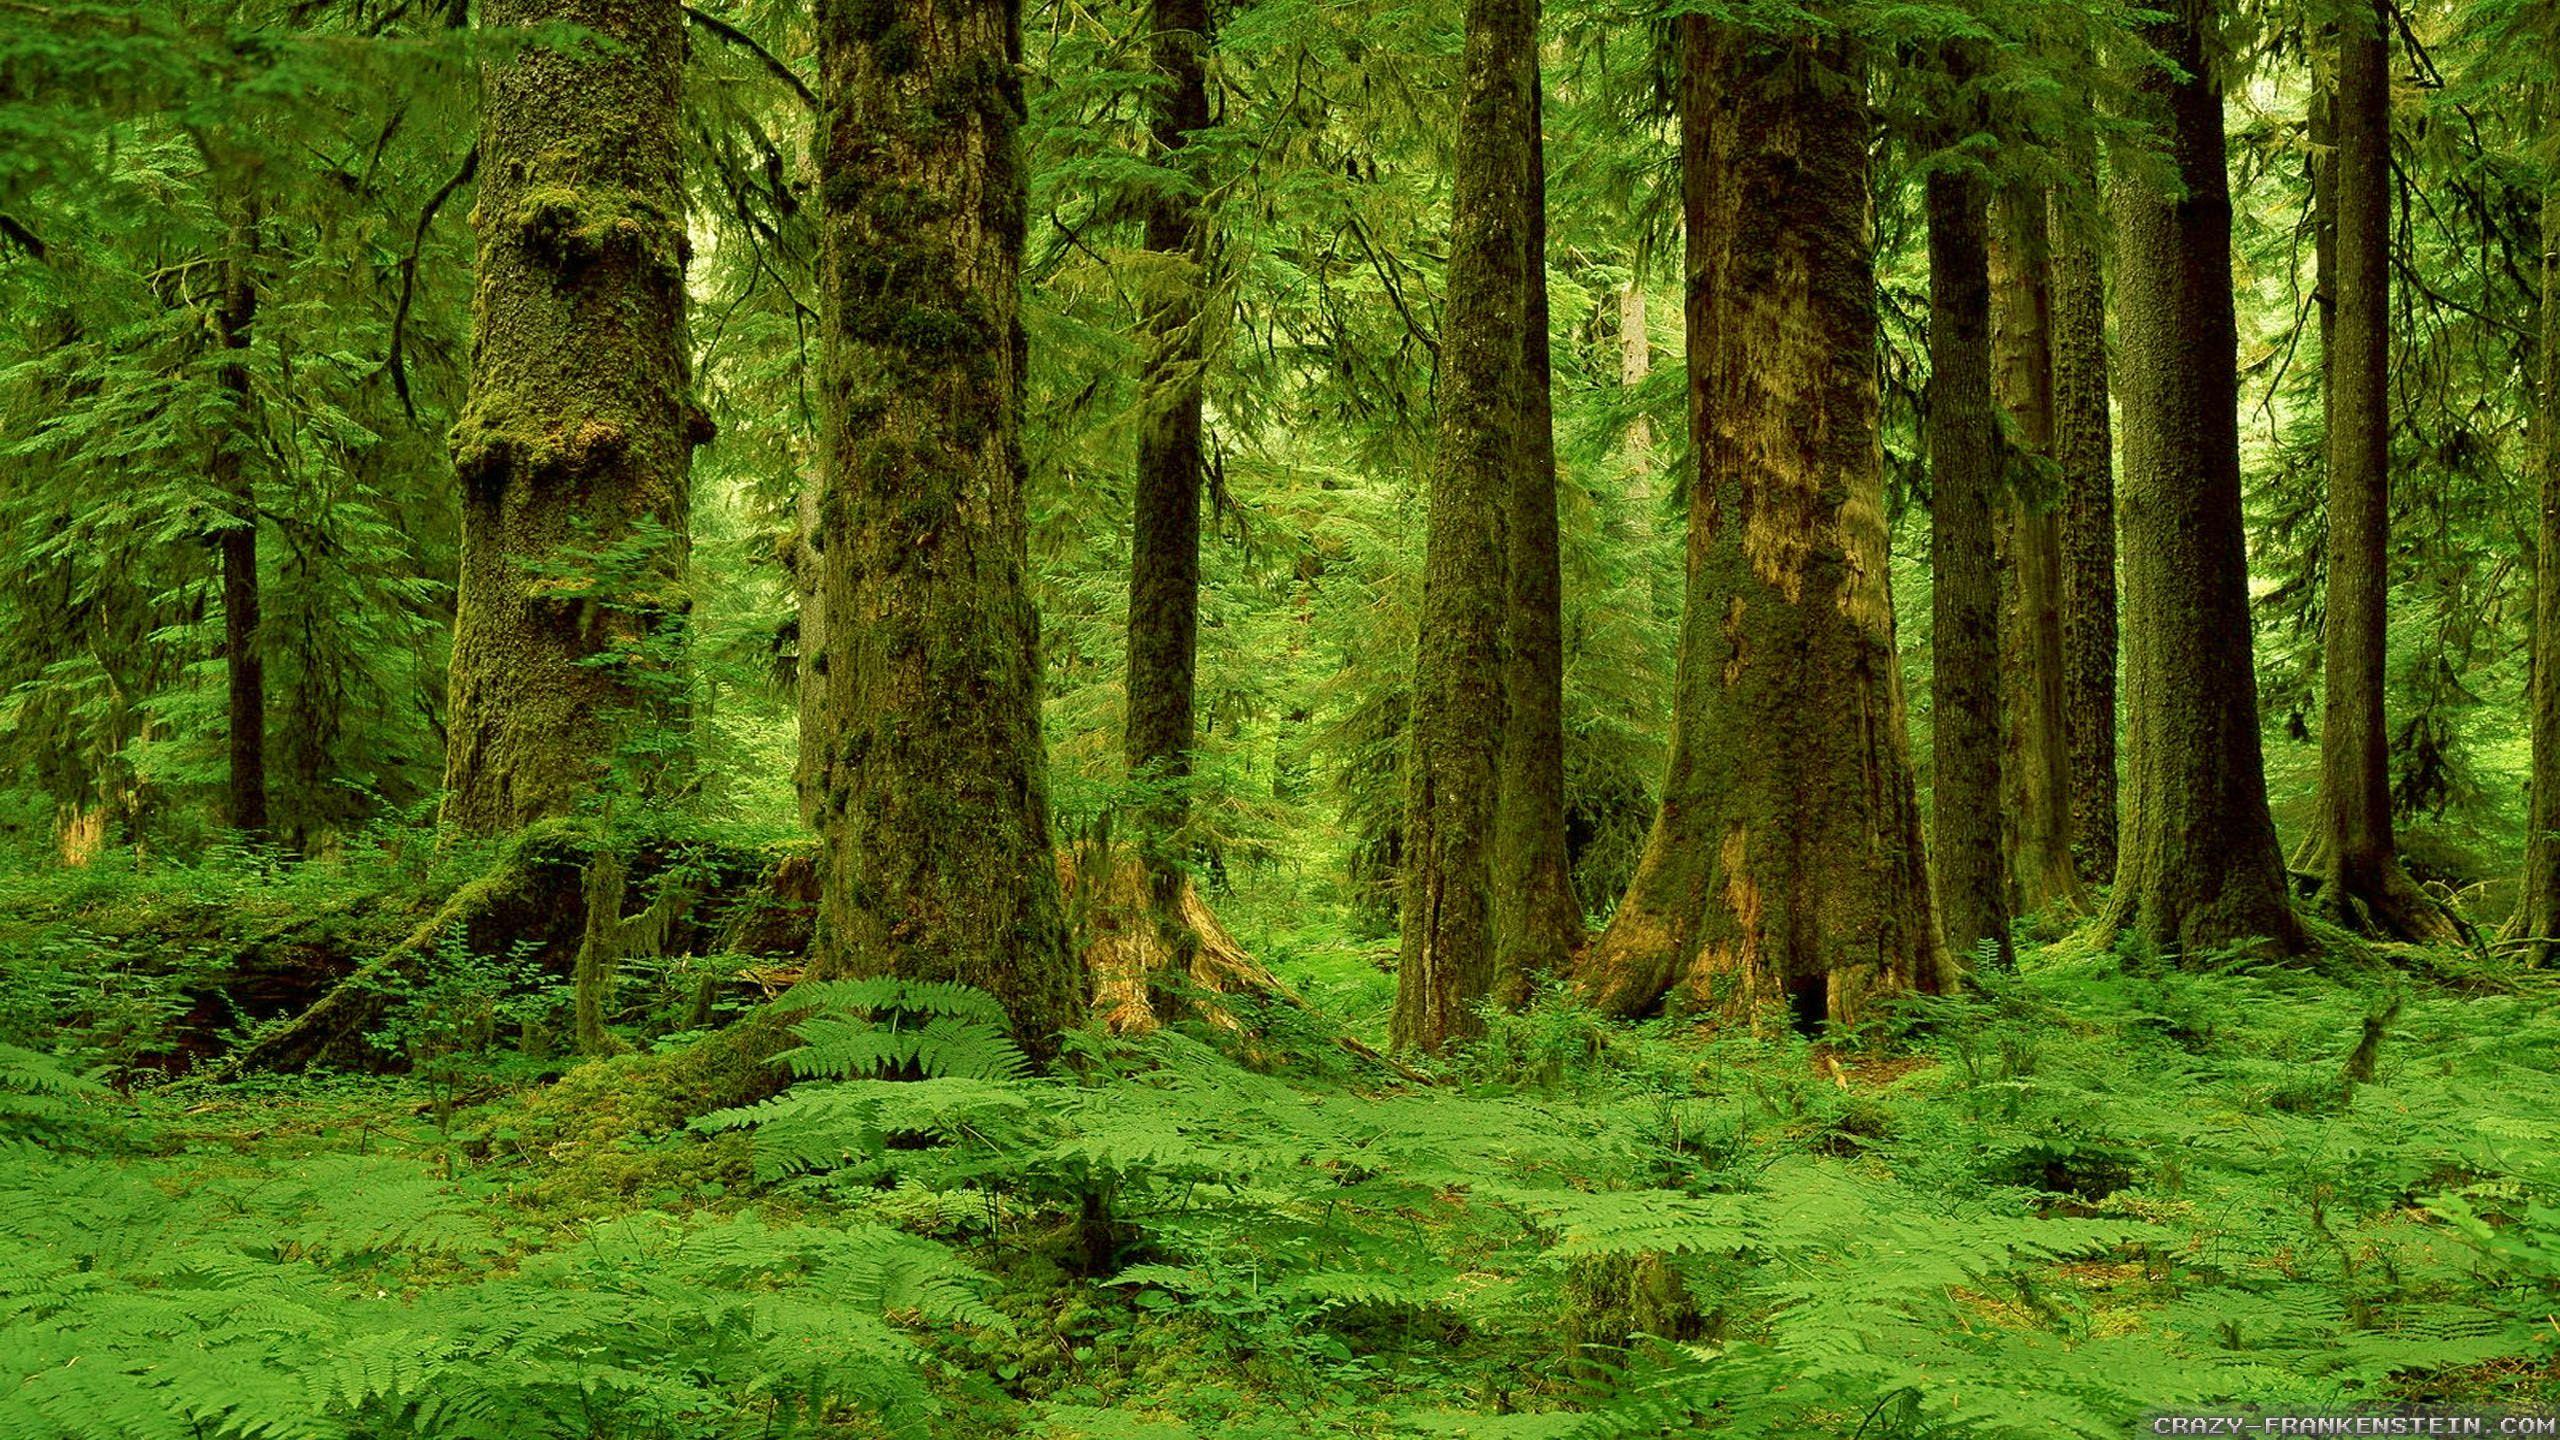 Forest Wallpaper Widescreen Wallpaper Forest Wallpaper Tree Wallpaper Desktop Background Nature